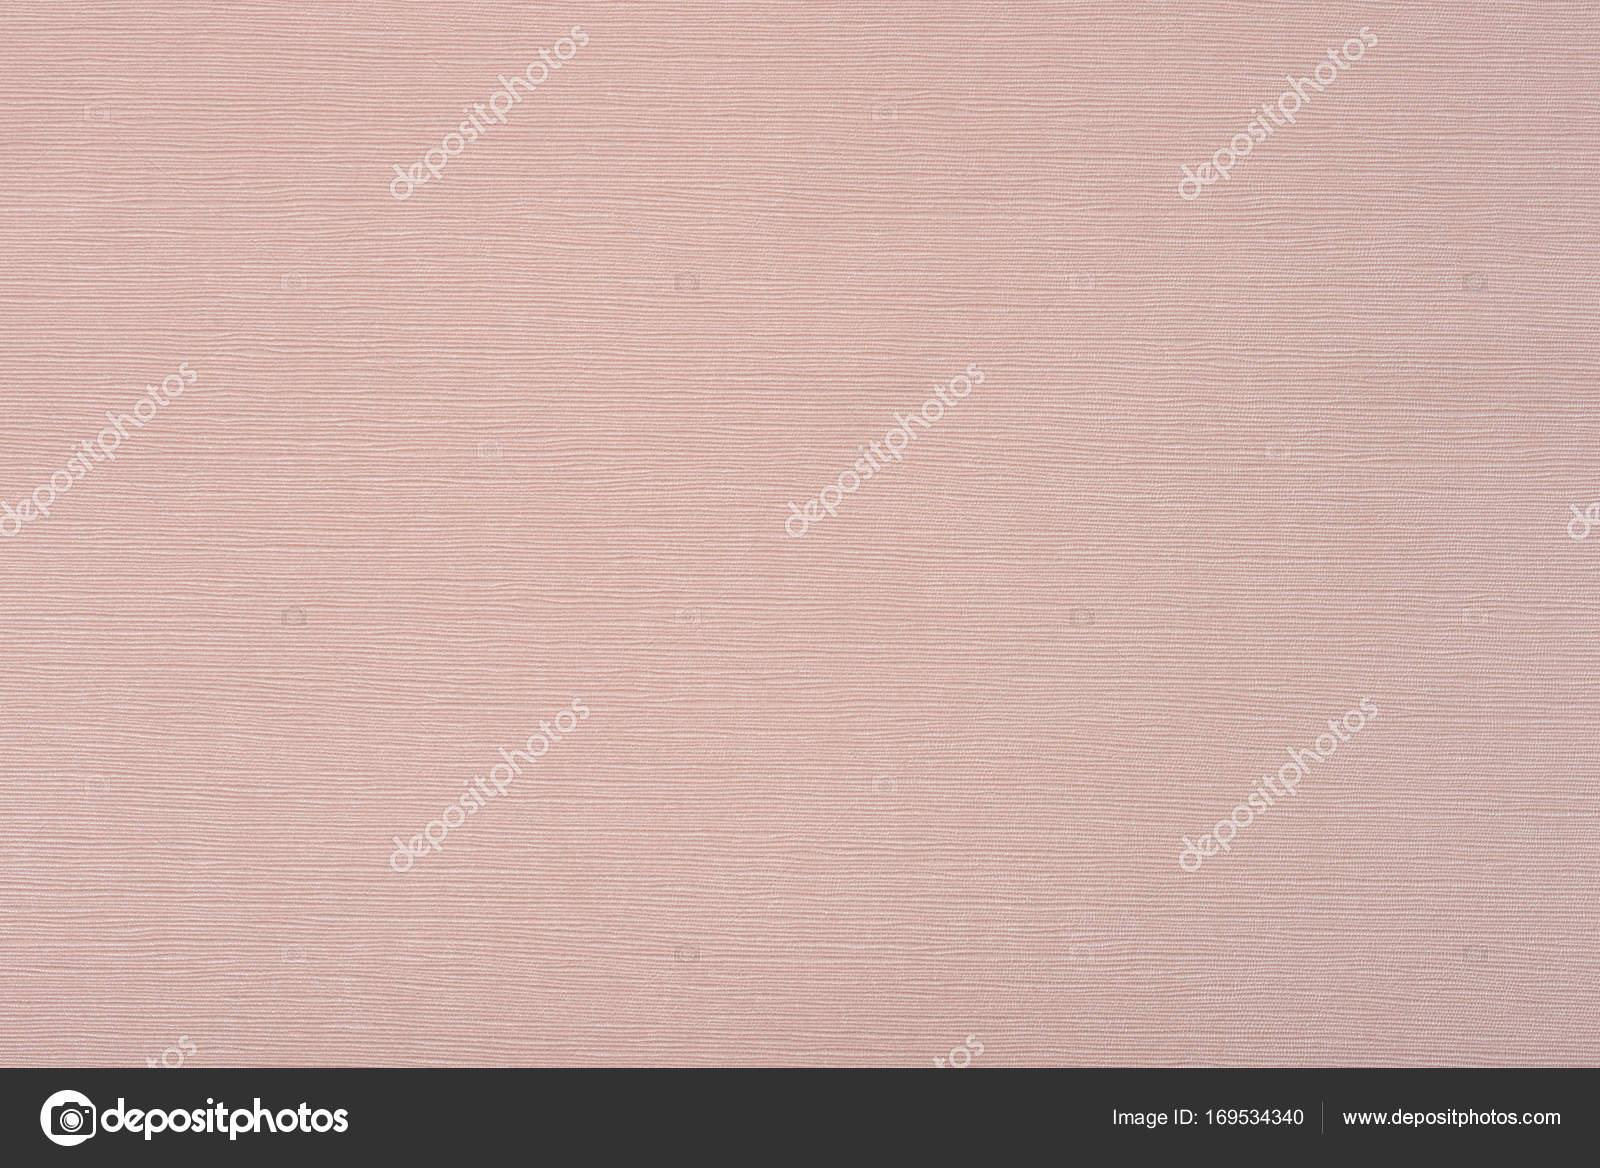 Best Wallpaper Marble Light Pink - depositphotos_169534340-stock-photo-light-pink-wallpaper-texture  2018_982031.jpg